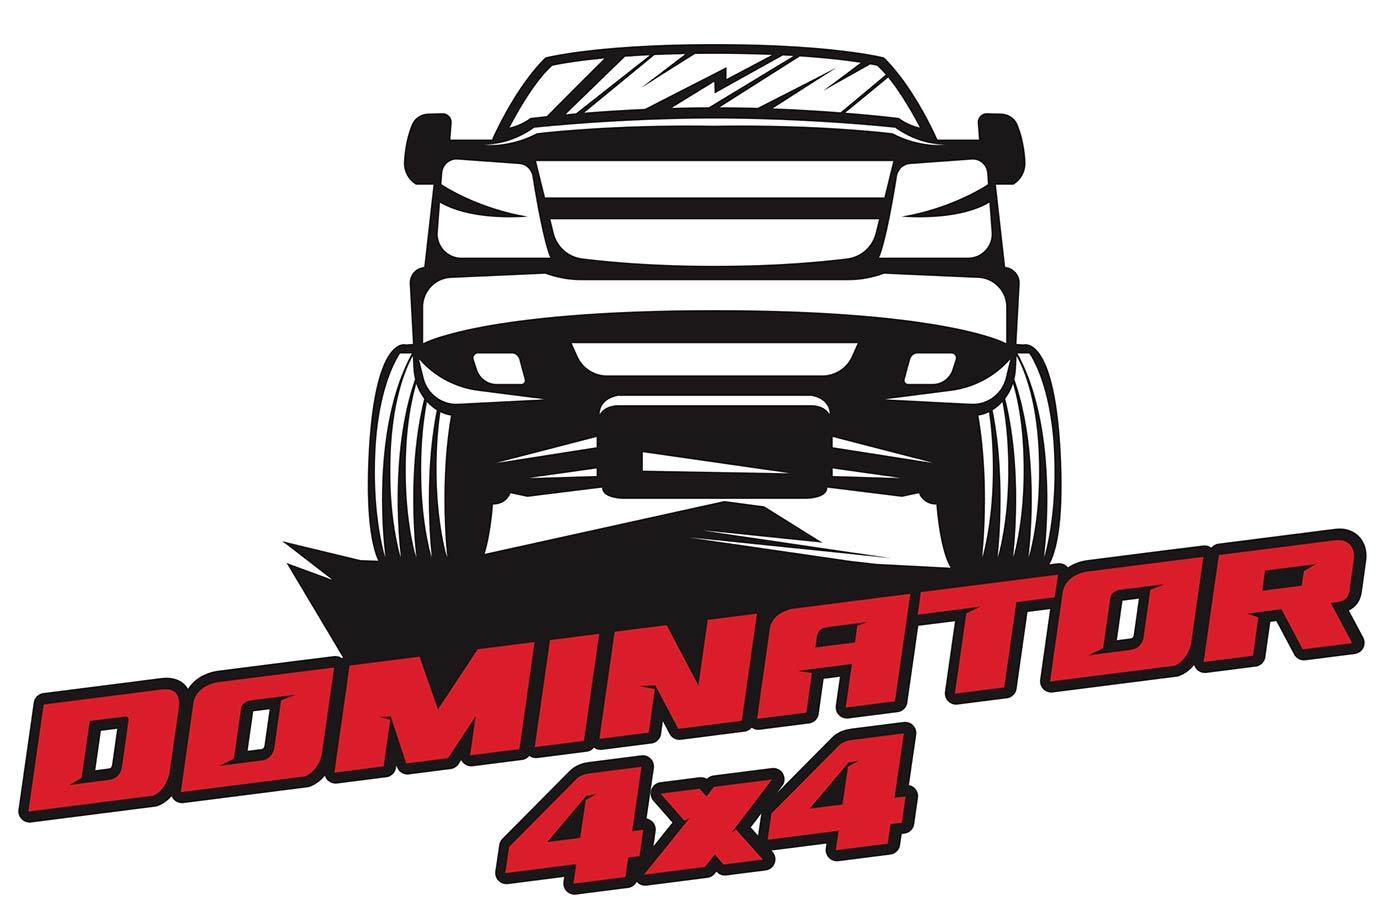 Dominator 4x4